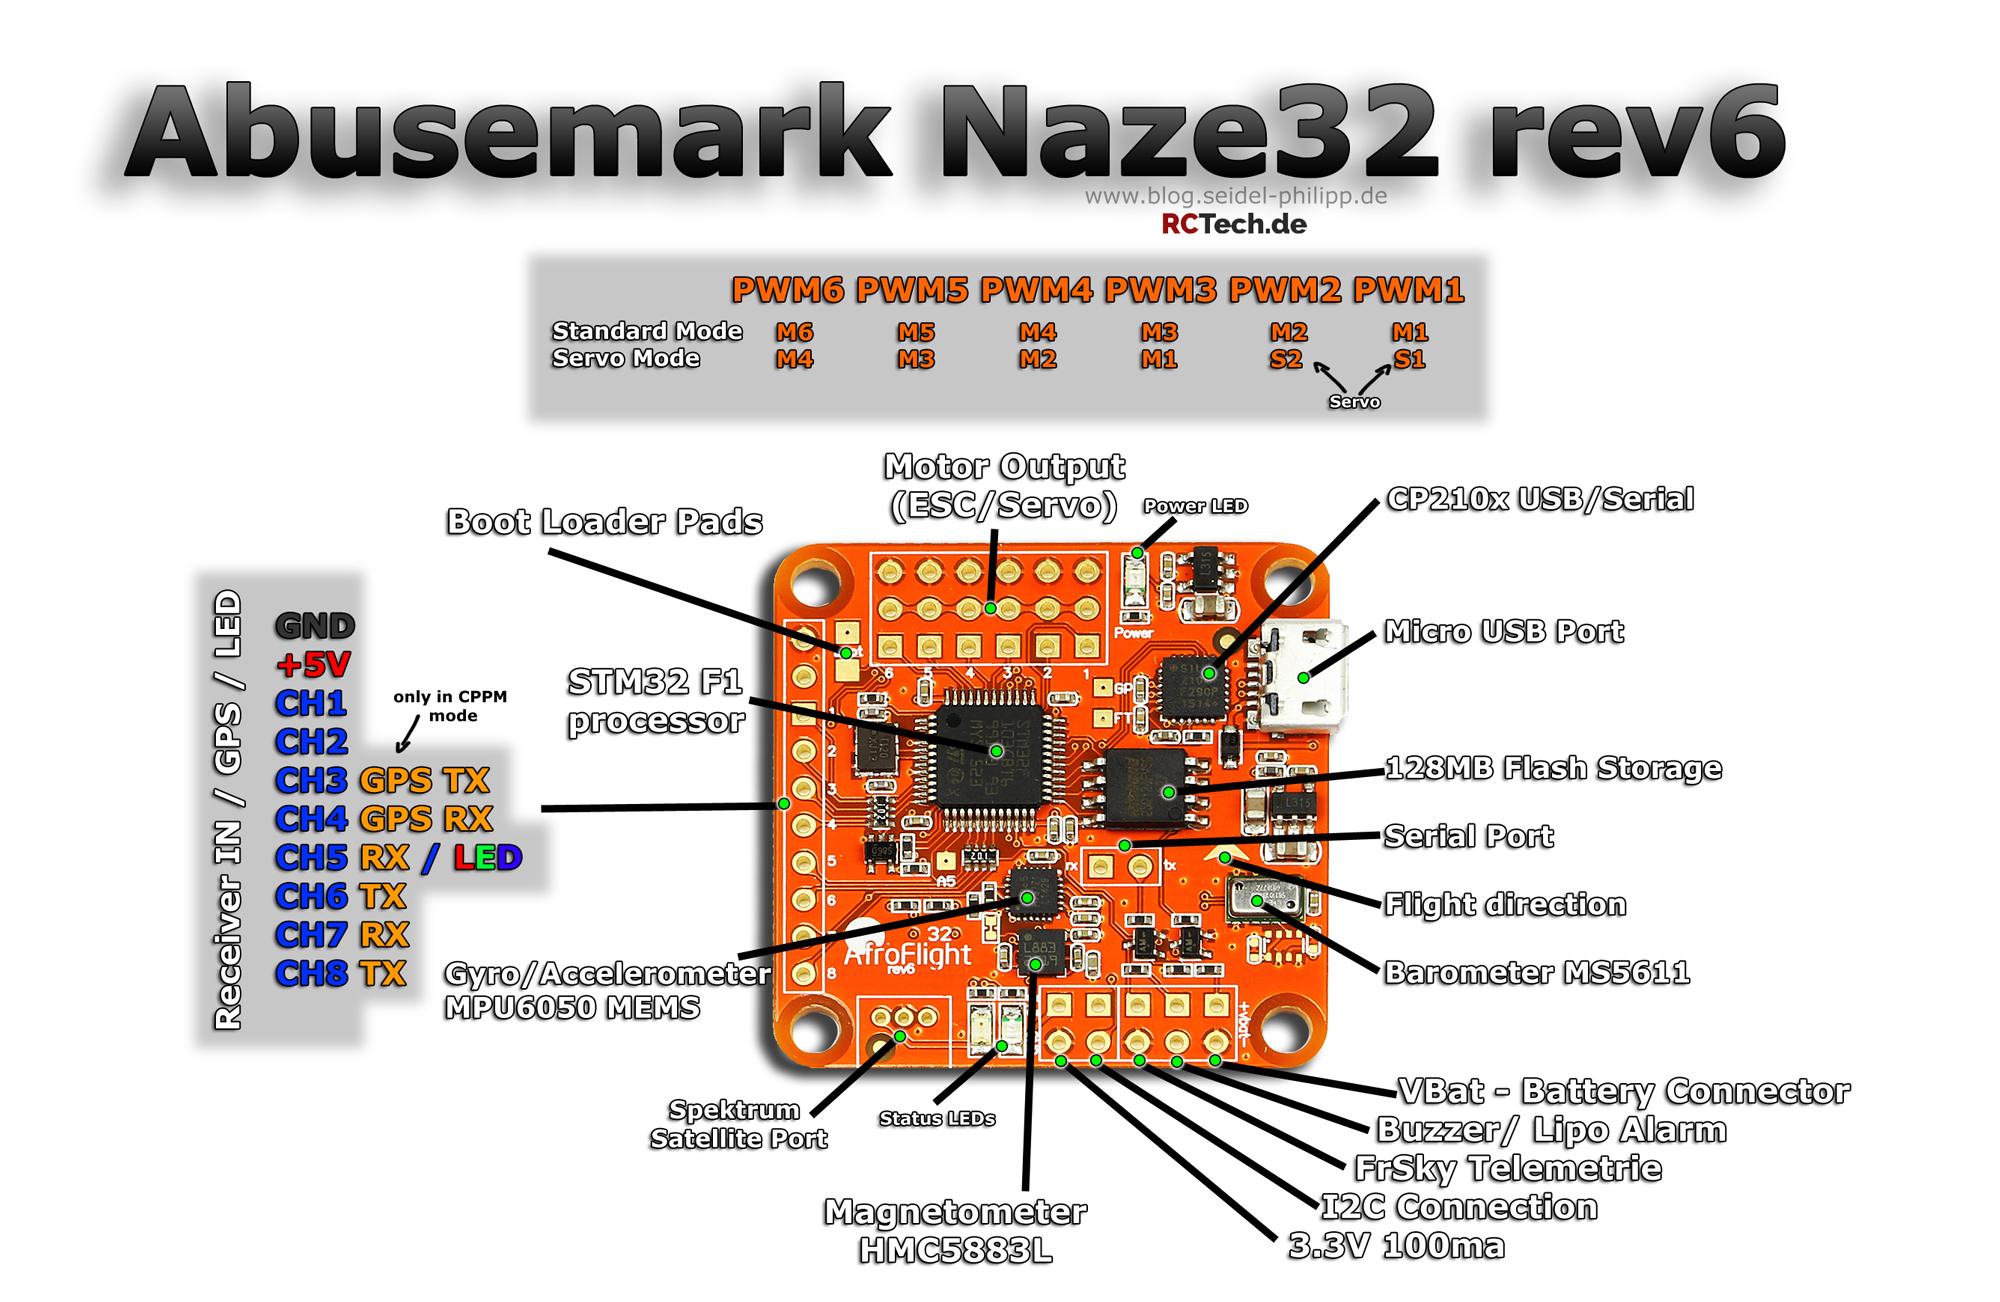 Abusemark Naze32 rev6 - Pin Layout und Anschlussplan on